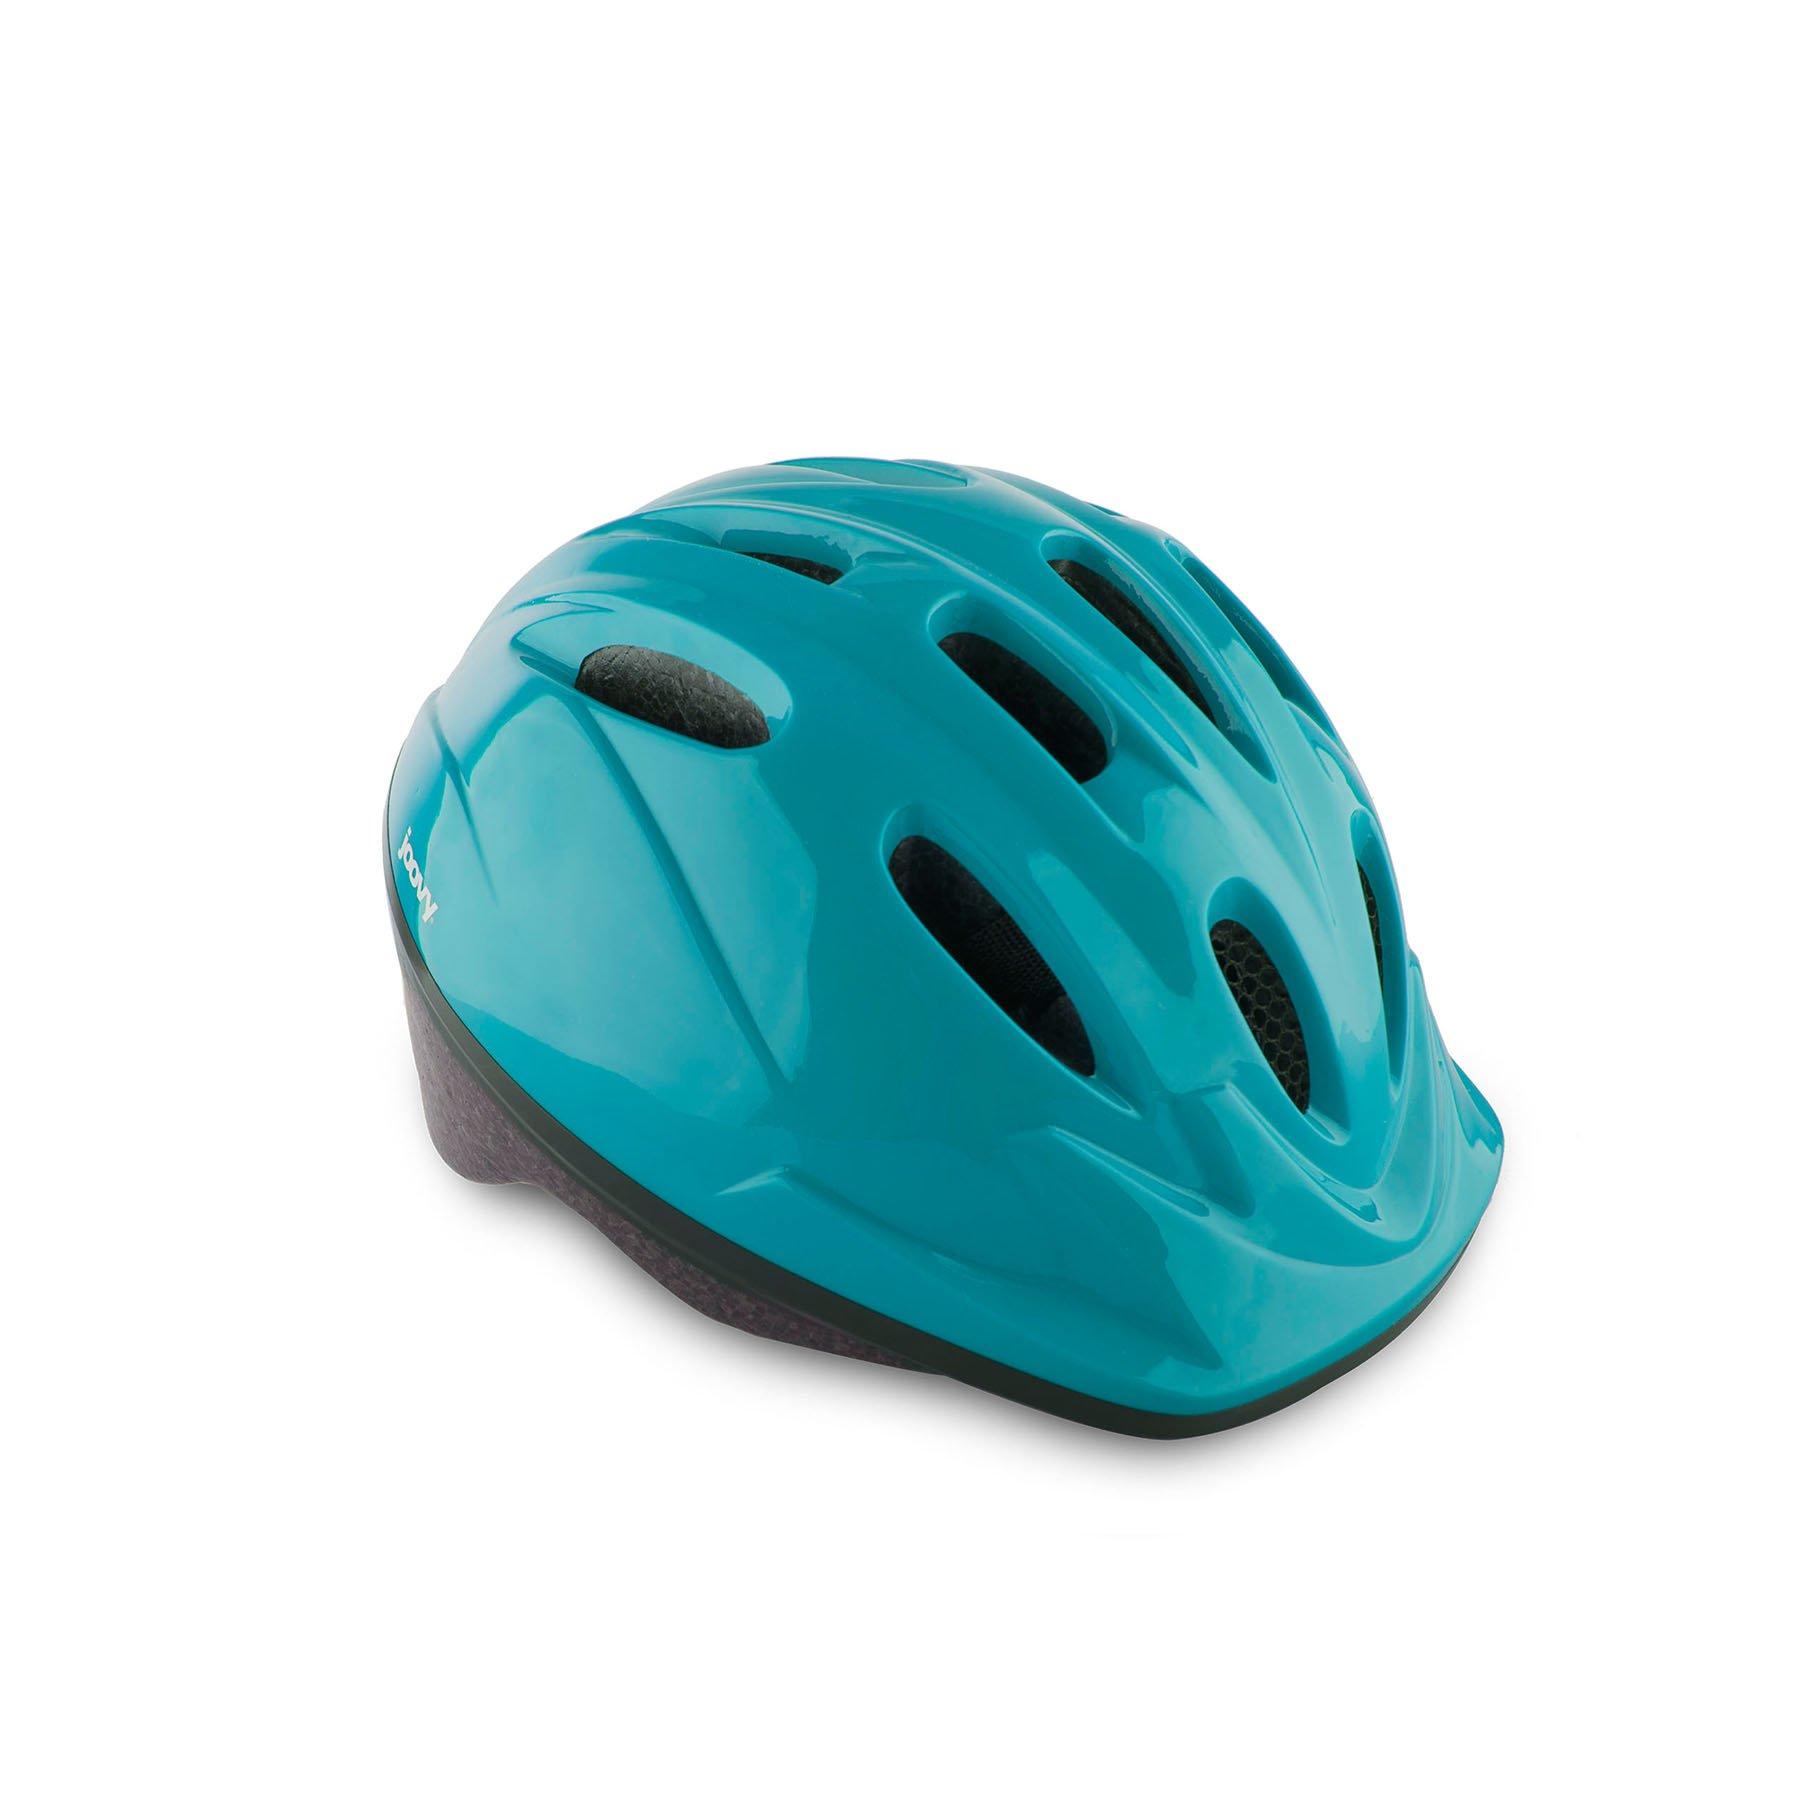 JOOVY Noodle Helmet Small, Blue by Joovy